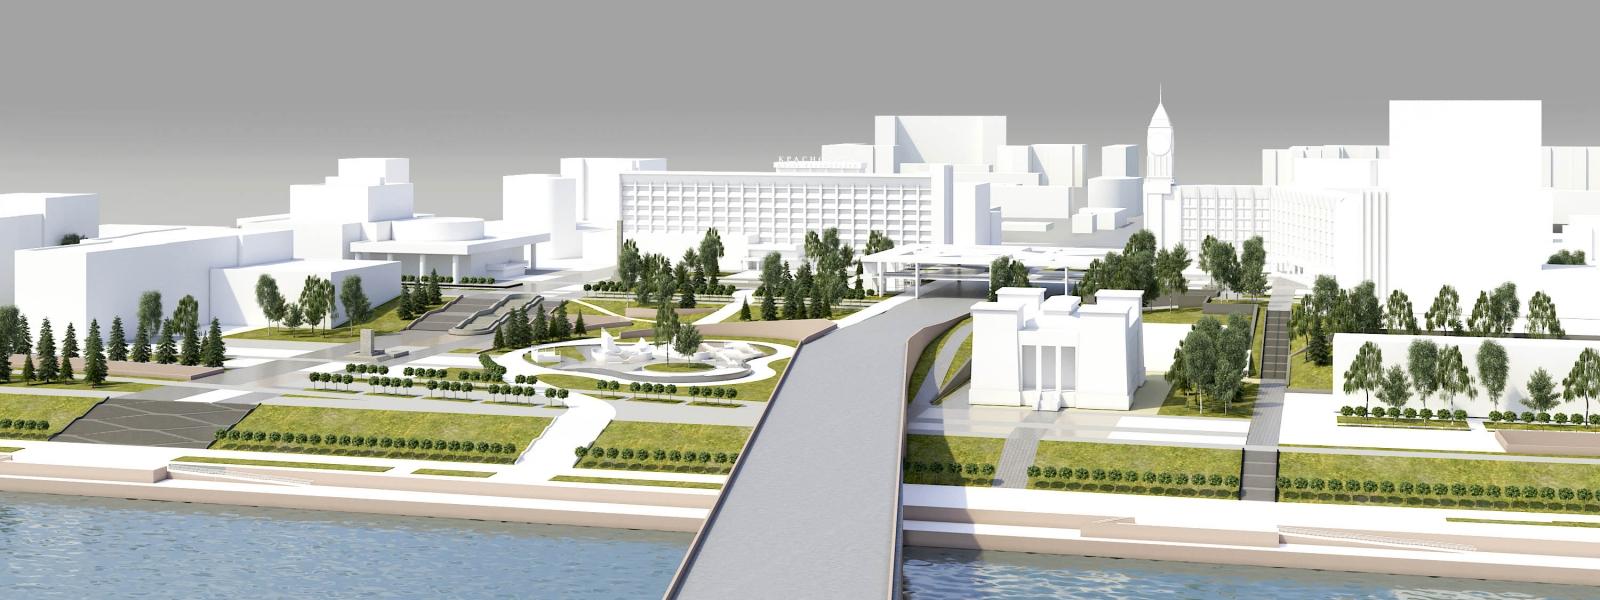 work-Градостроительная концепция пространственного развития фрагмента застройки исторического центра Красноярска